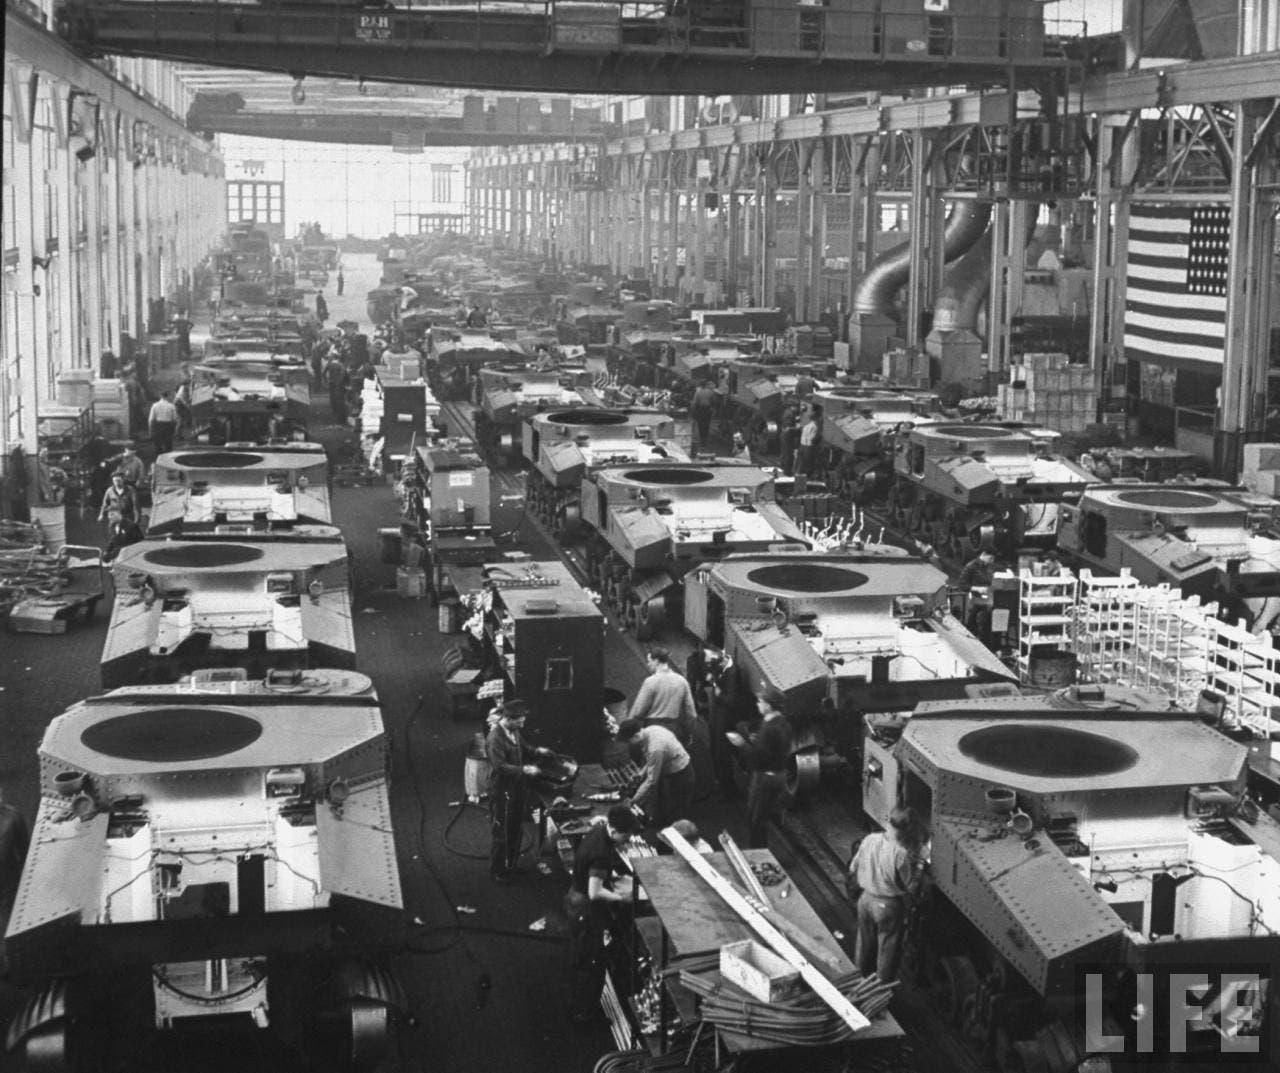 صورة لأحد مصانع الدبابات الأميركية بالحرب العالمية الثانية